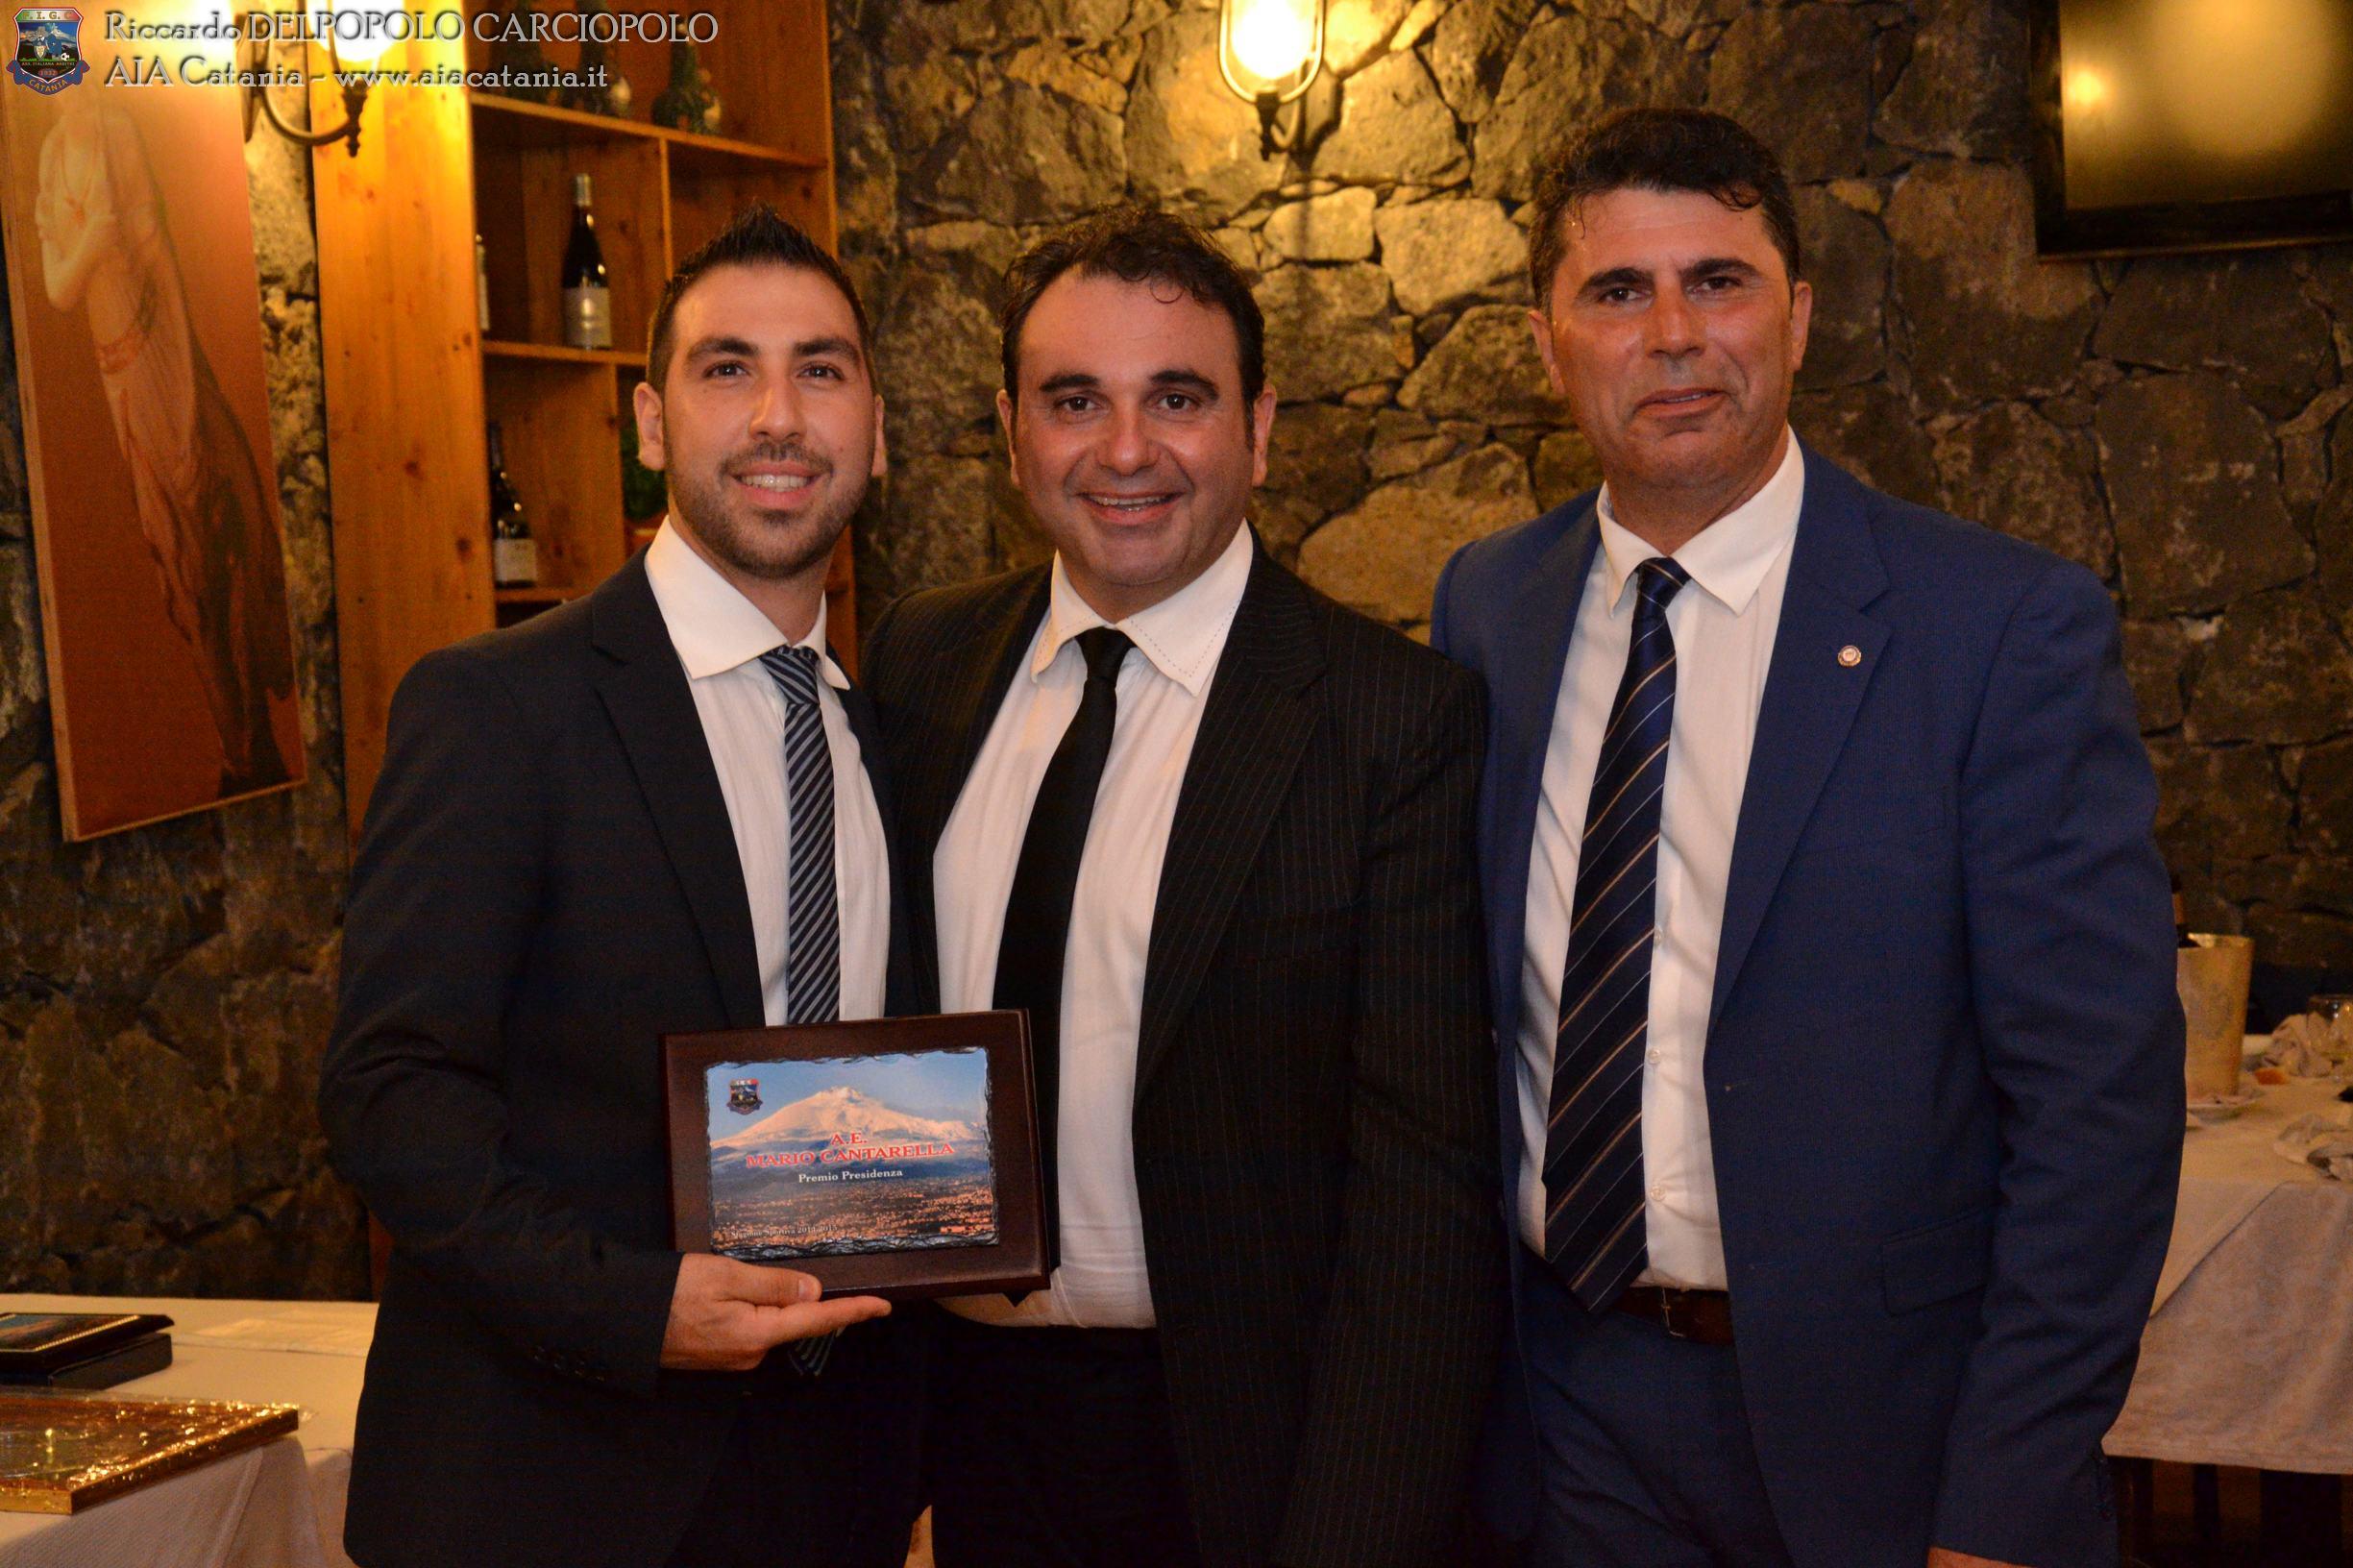 A.E. Mario CANTARELLA premiato col Premio presidenza AE OTS da Luciano NICOLOSI, responsabile corso arbitri AIA Catania.